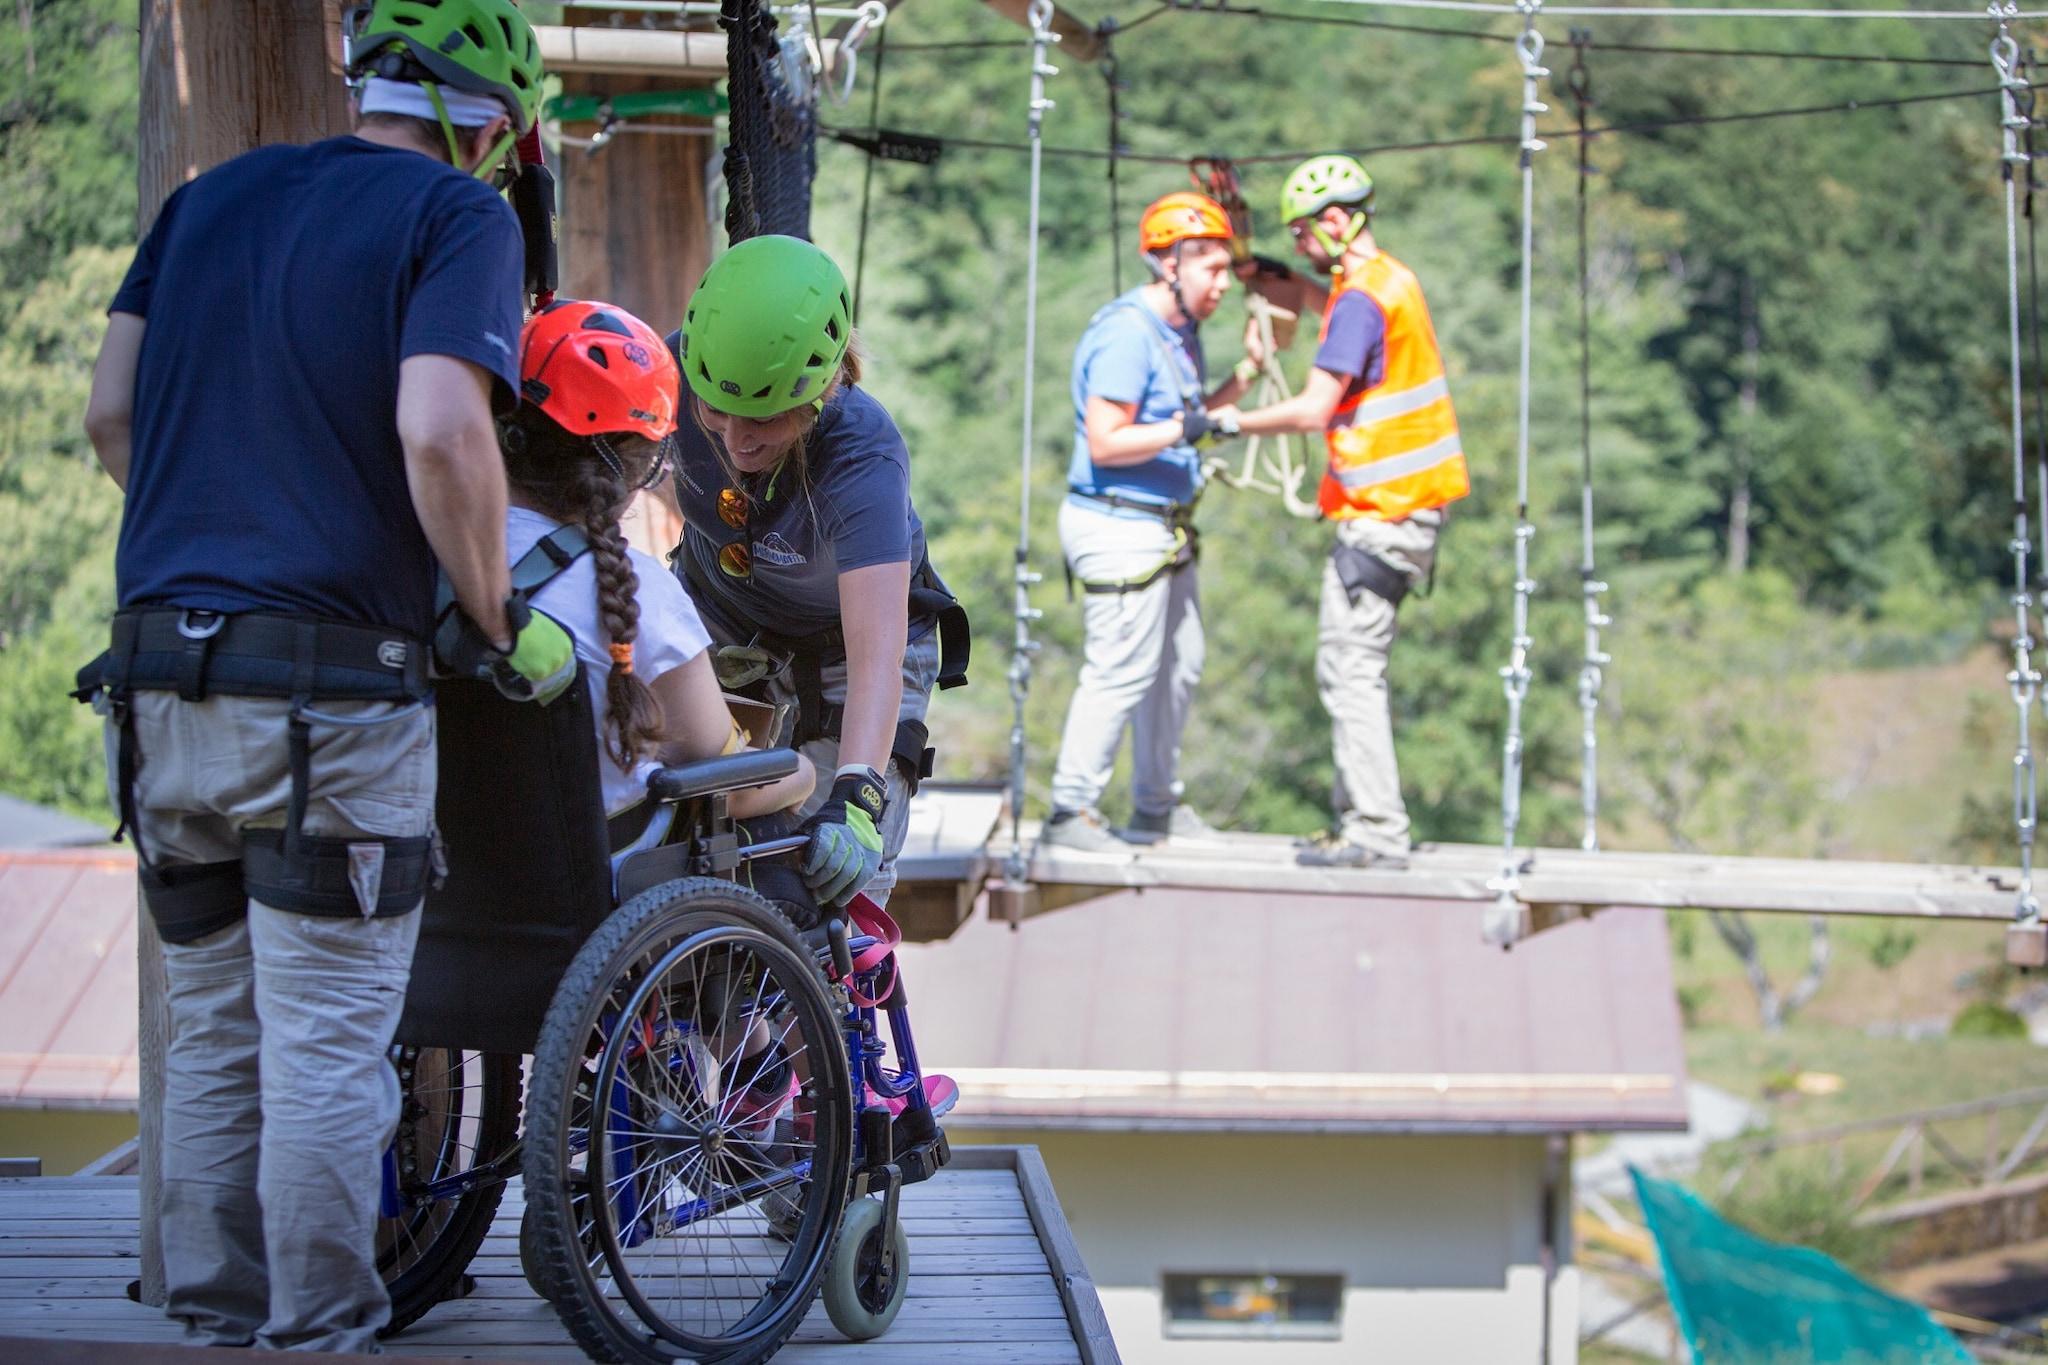 La struttura di arrampicata è inclusiva ed completamente accessibile anche a bambini e ragazzi in carrozzina